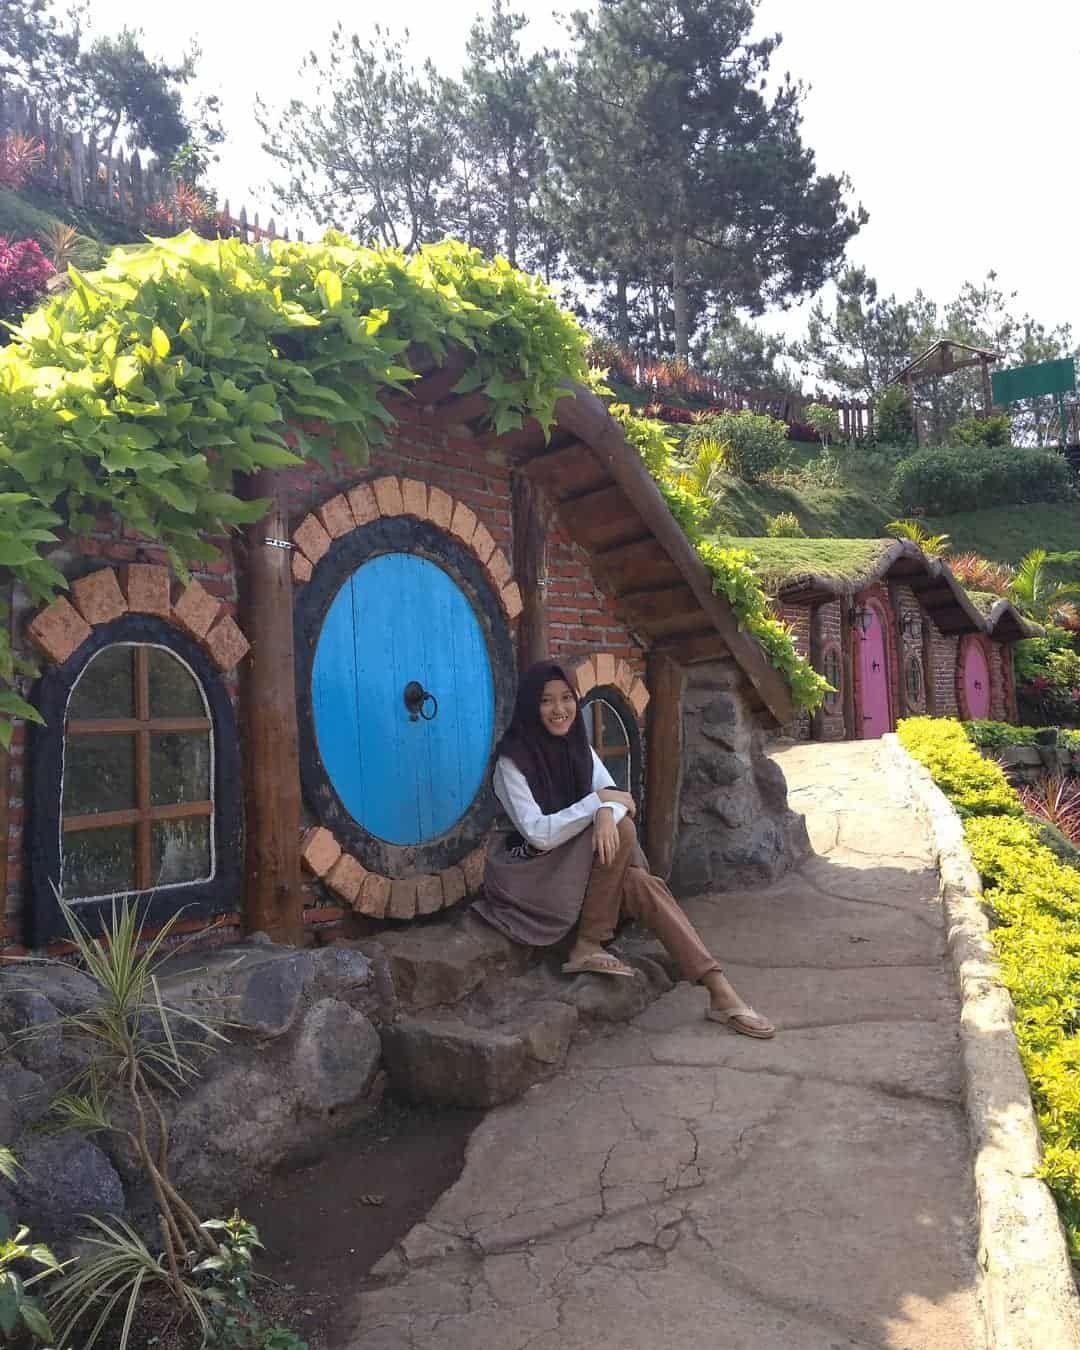 Rumah Hobbit Coban Rais Wisata Ala Suasana Desa Hobbit Hobbit Coban Pedesaan